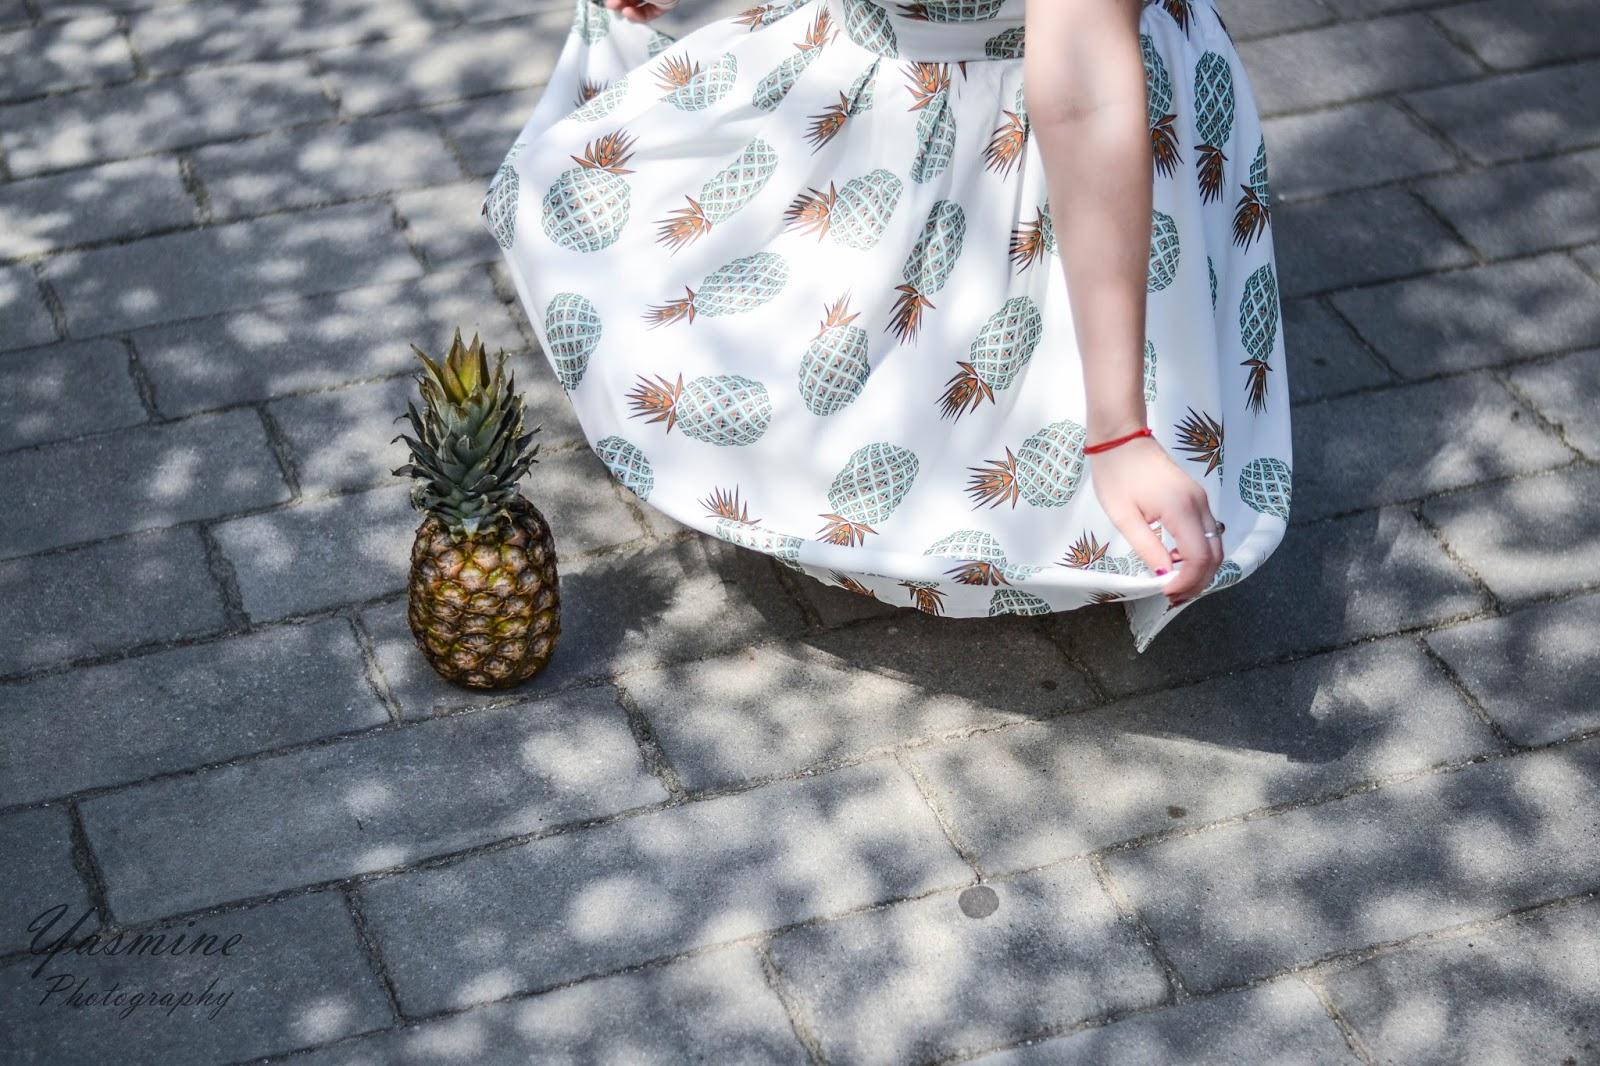 czy warto kupowac na stronach chińskich sklepów zaful sammydress dresslink sukienka w ananasy chińskie sklepy internetowe jakość pineapple dress fashion style melodylaniella yasmine photography e